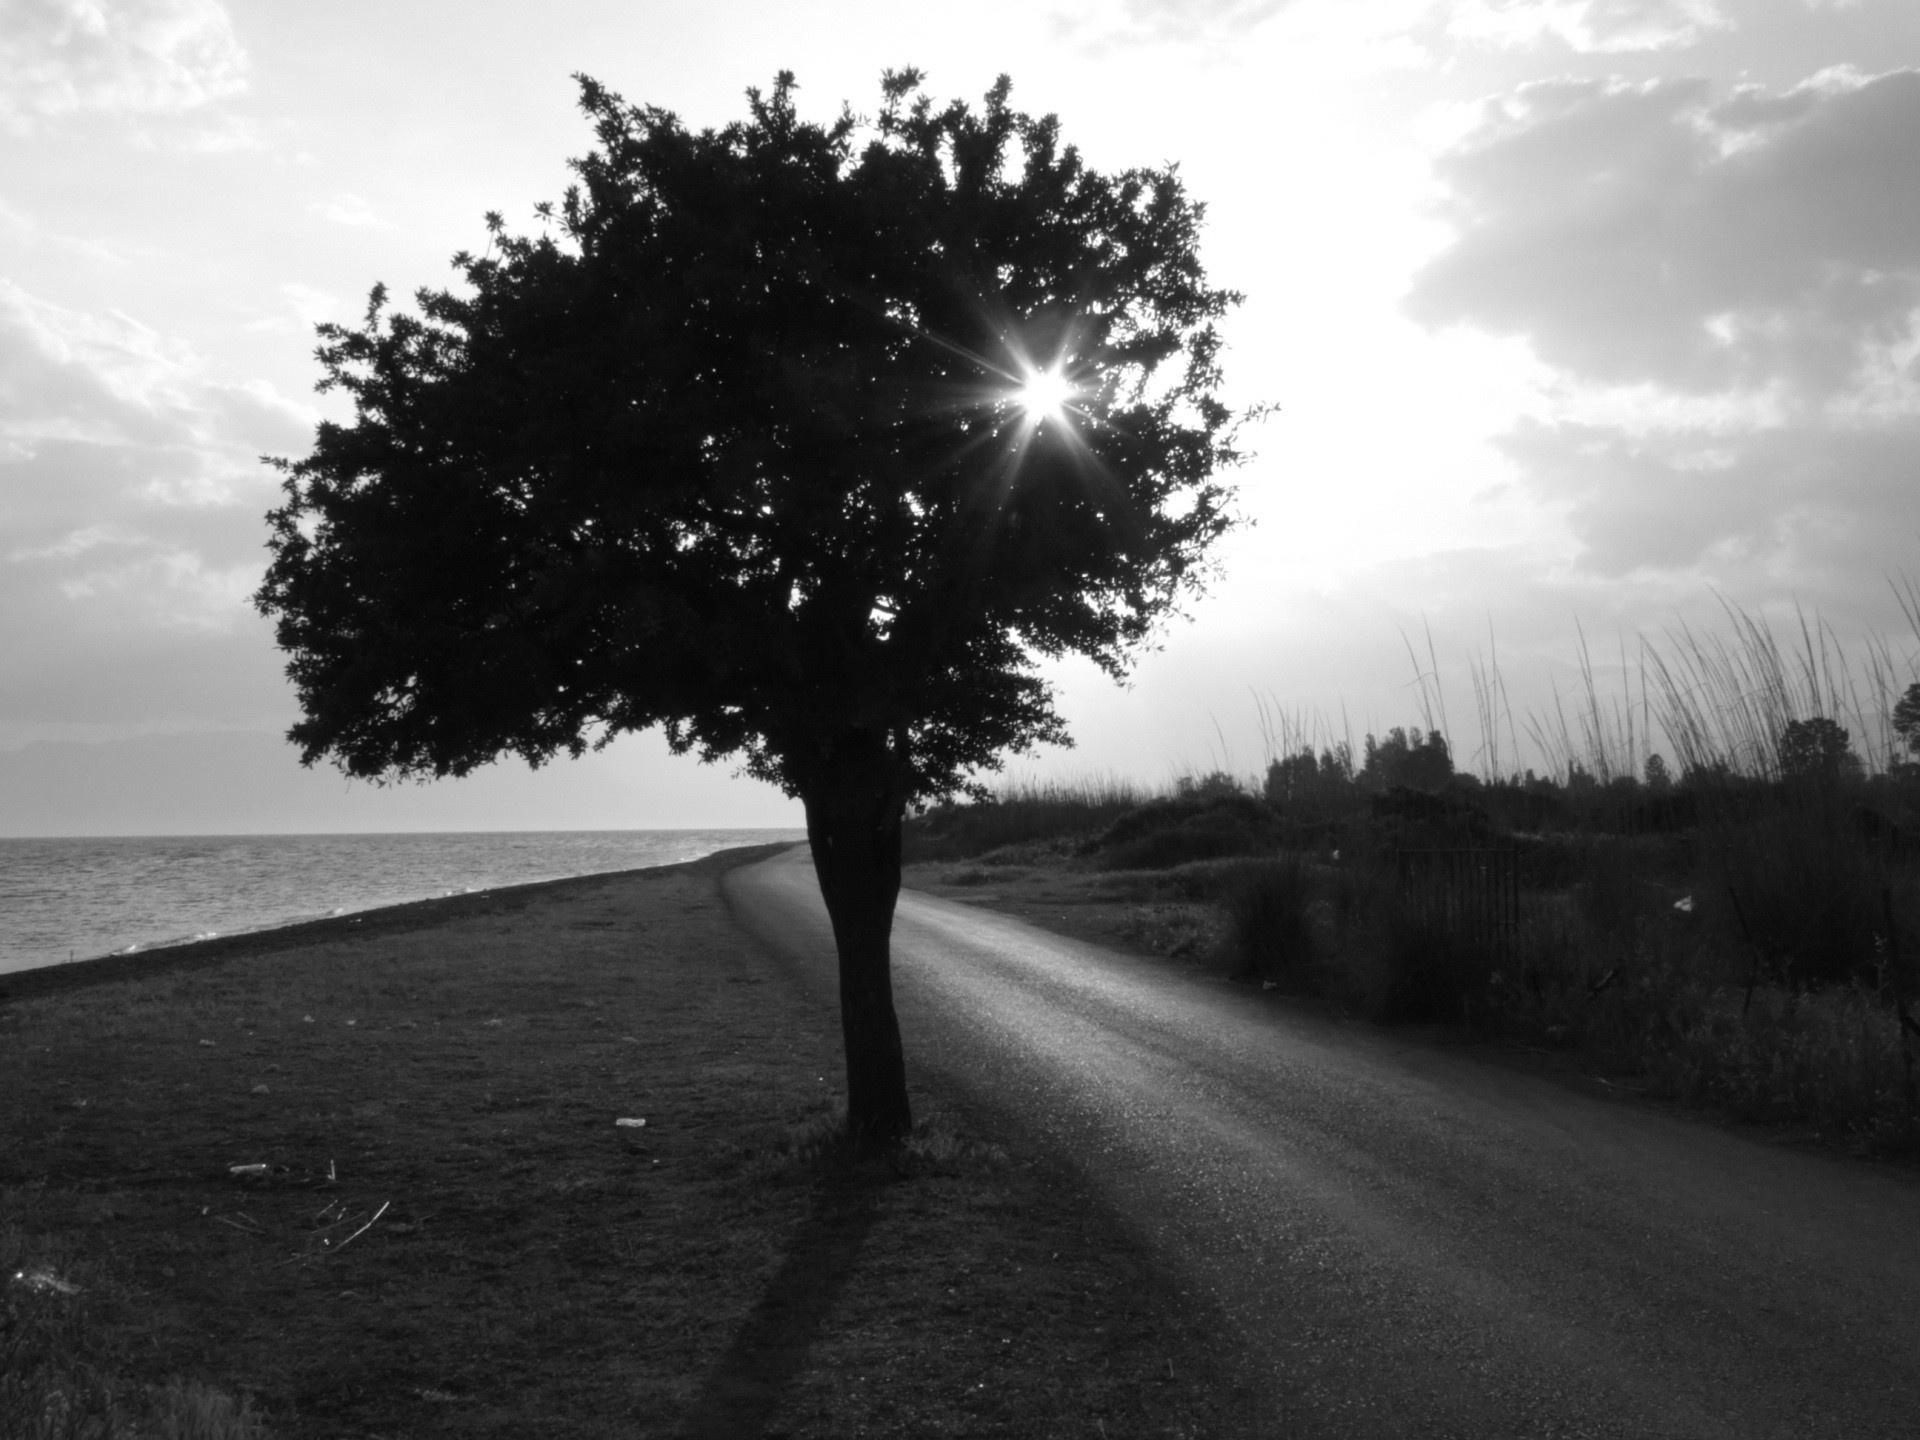 Hình nền trắng đen buồn, cô đơn